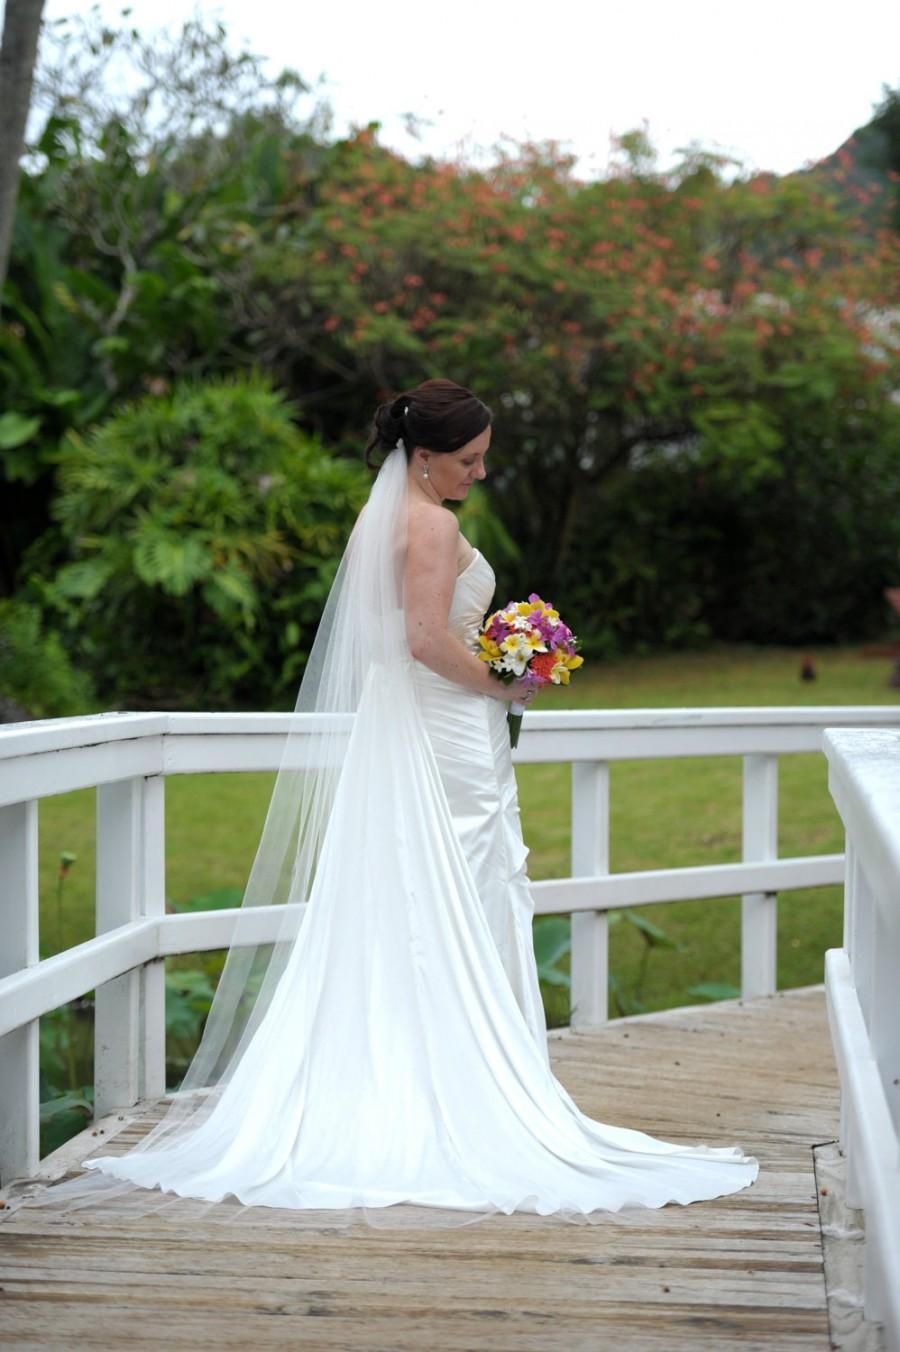 Свадьба - Bridal veil - Elegant Chapel Length